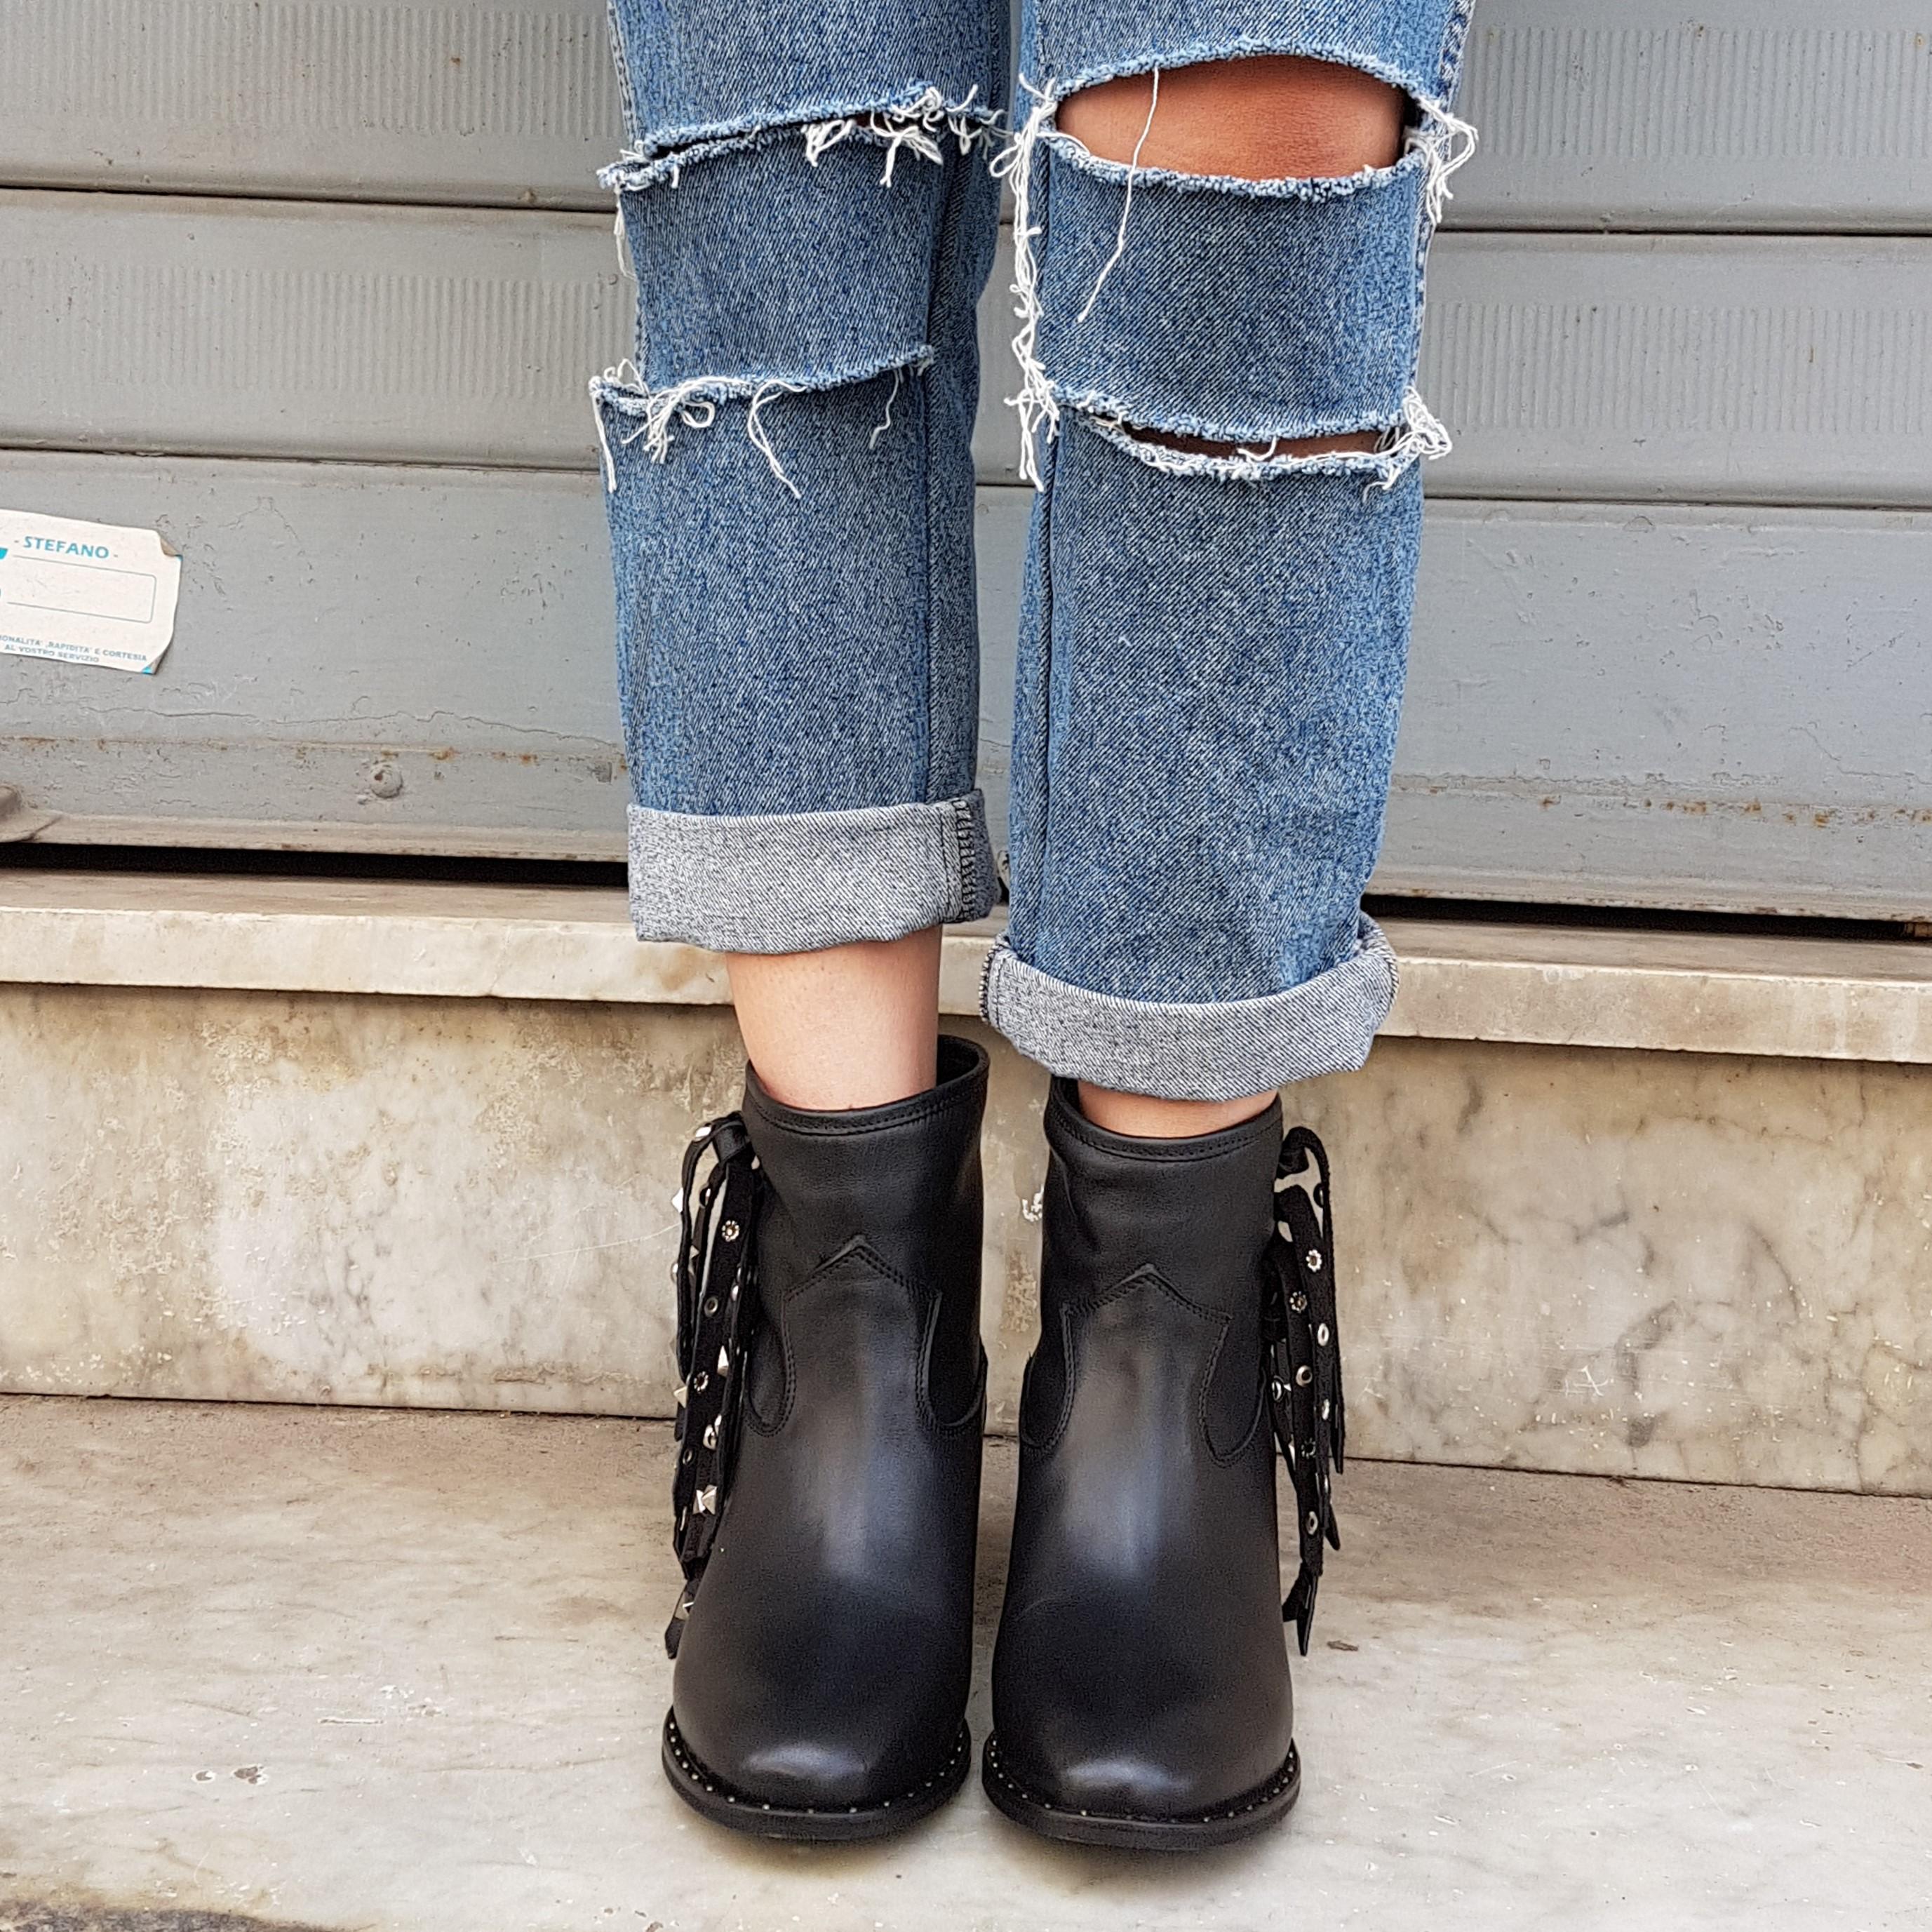 Stivaletti pelle nero con borchie argento rialzo interno roma1 - Lia diva calzature ...